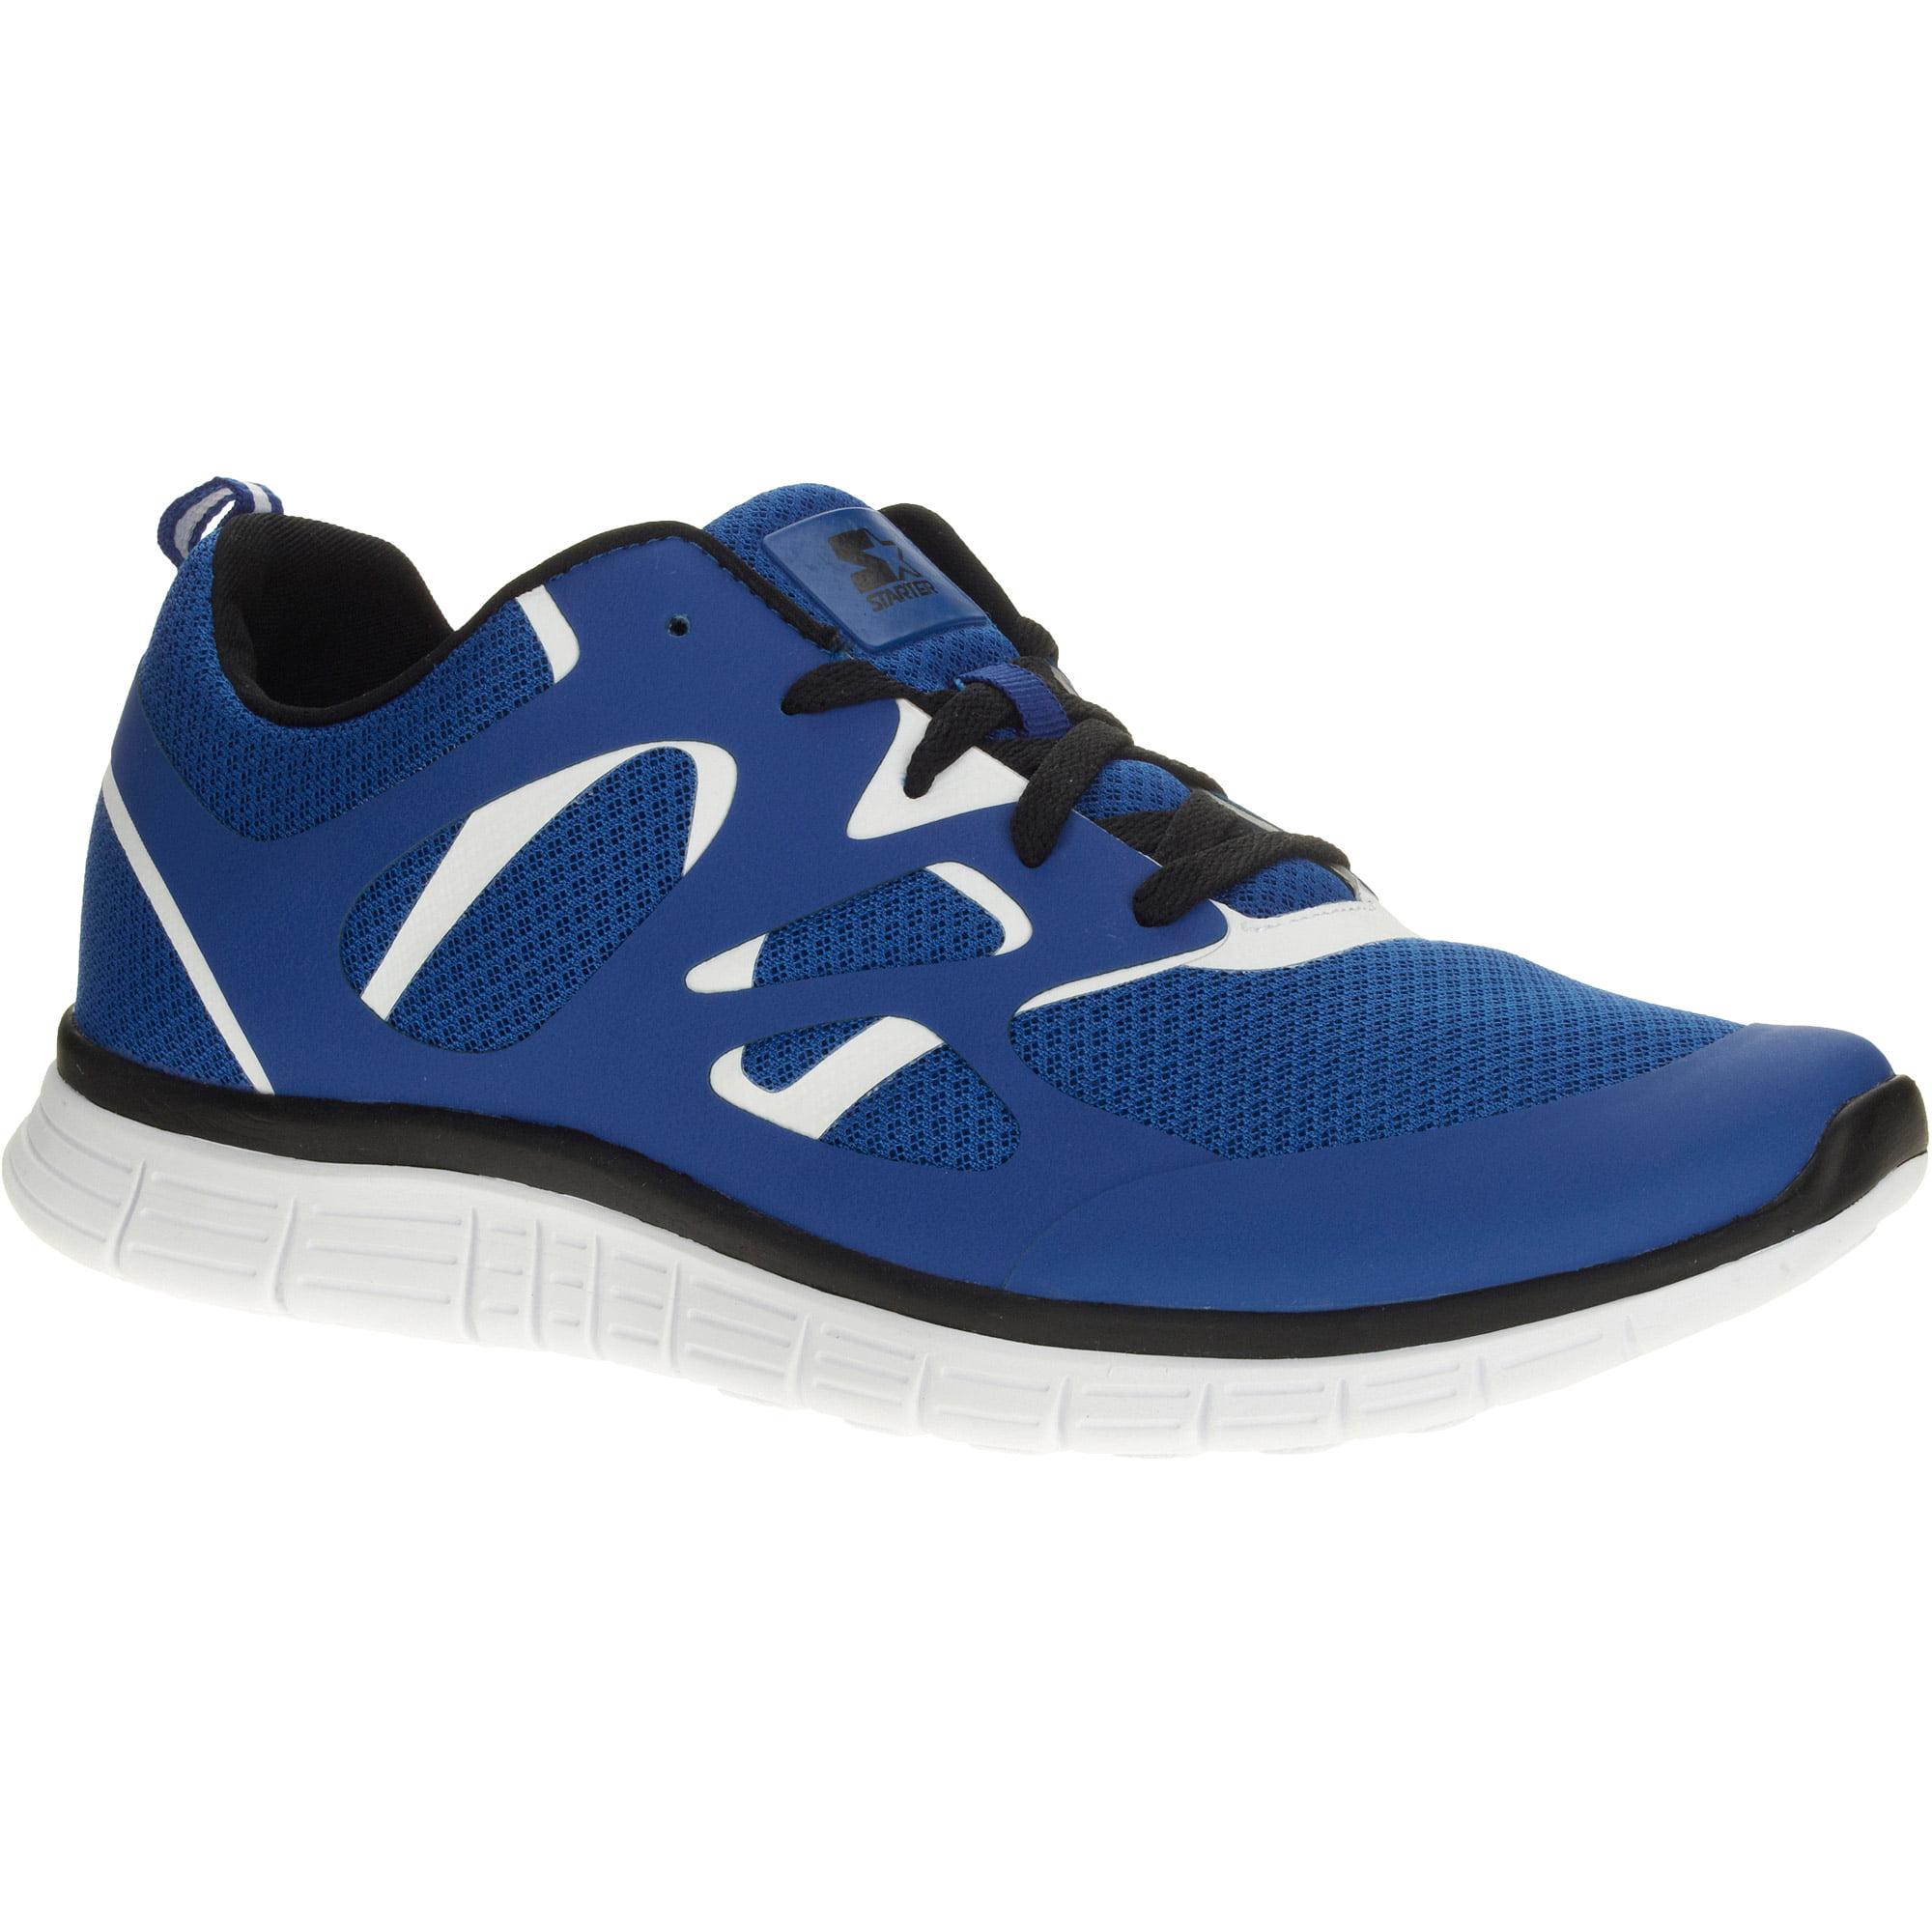 Starter Men's Classic Lightweight Running Shoe